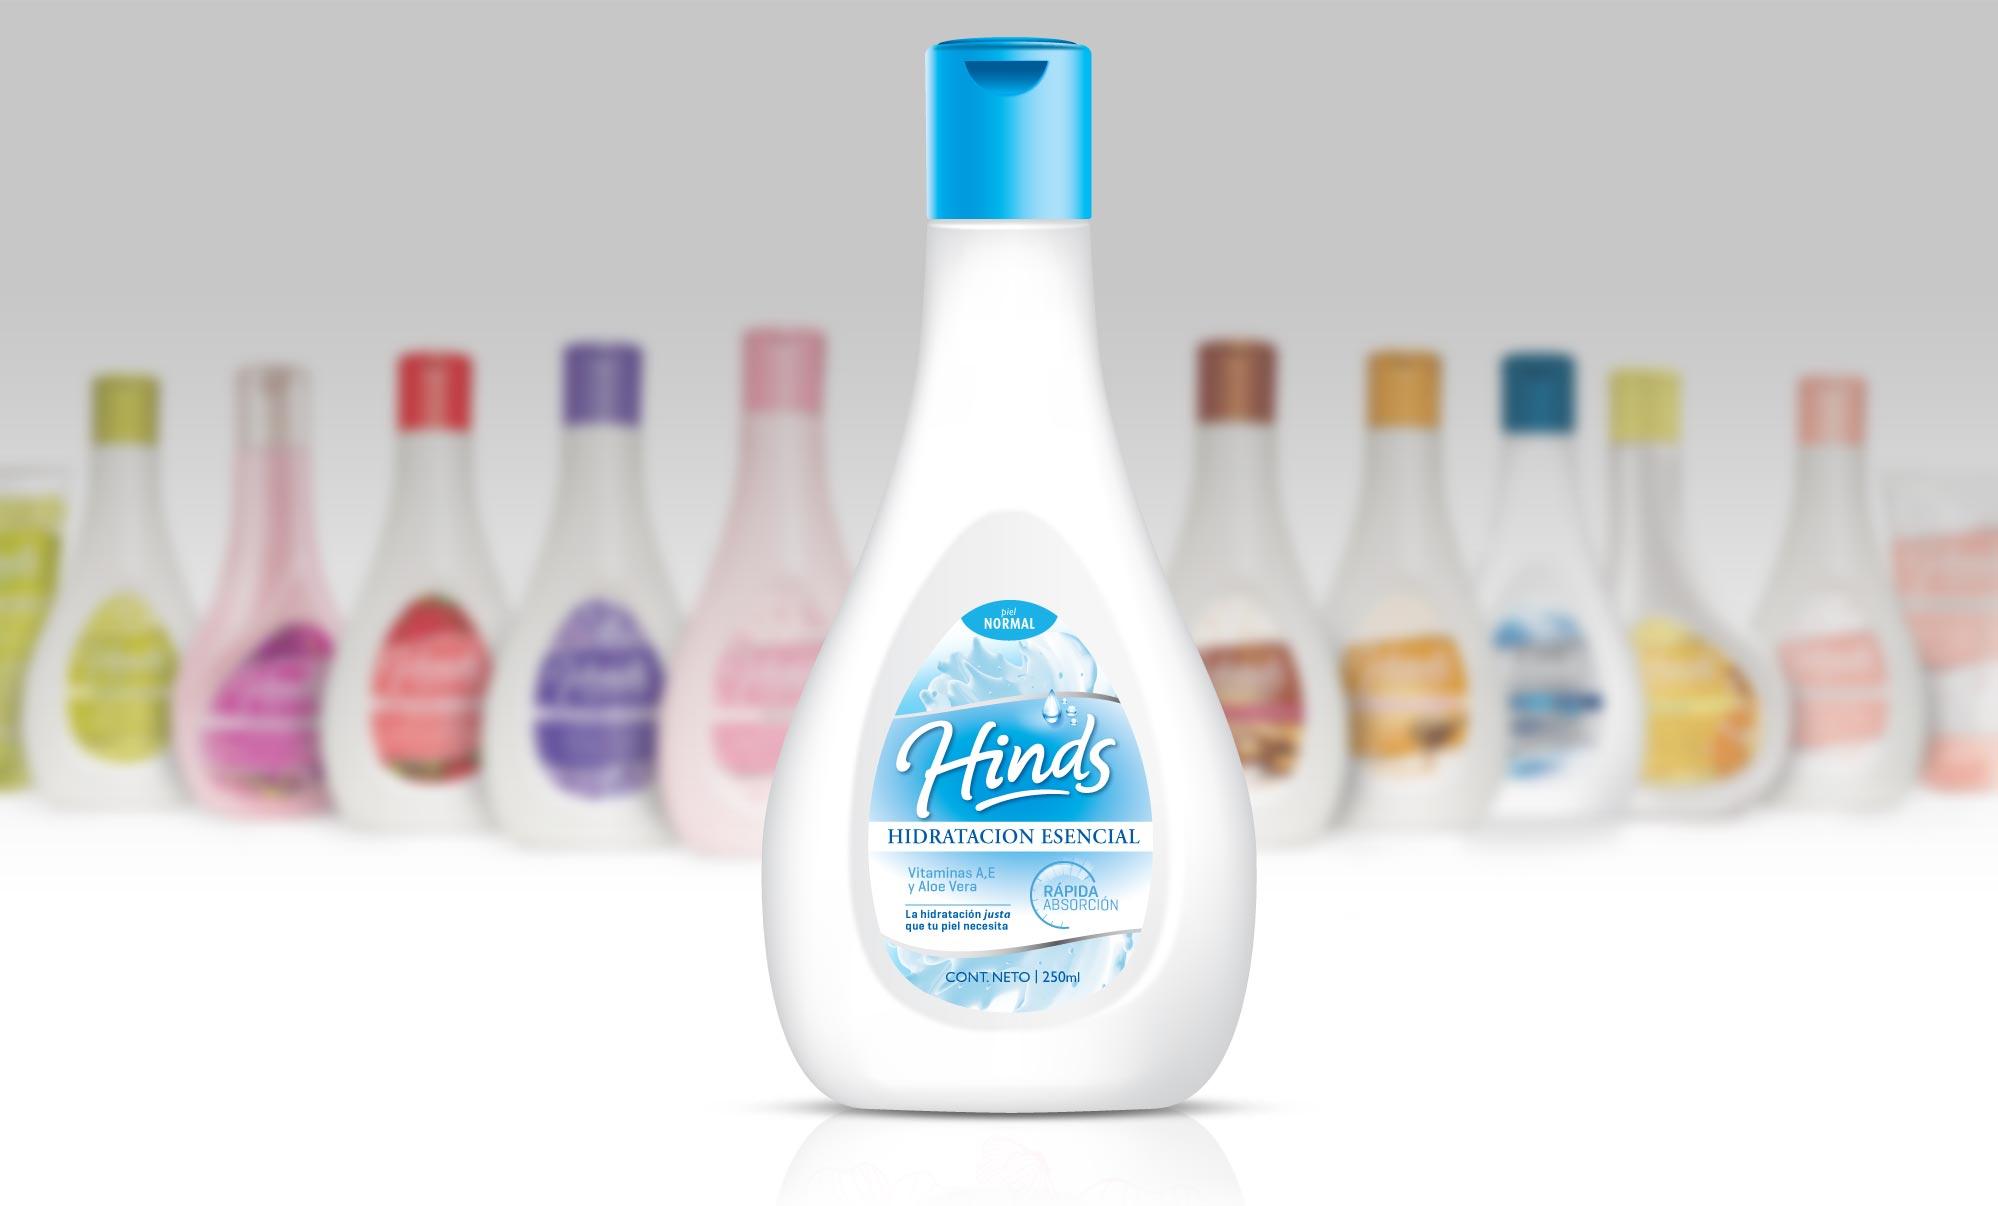 Glaxosmithkline Hinds Packaging Hidratación Esencial